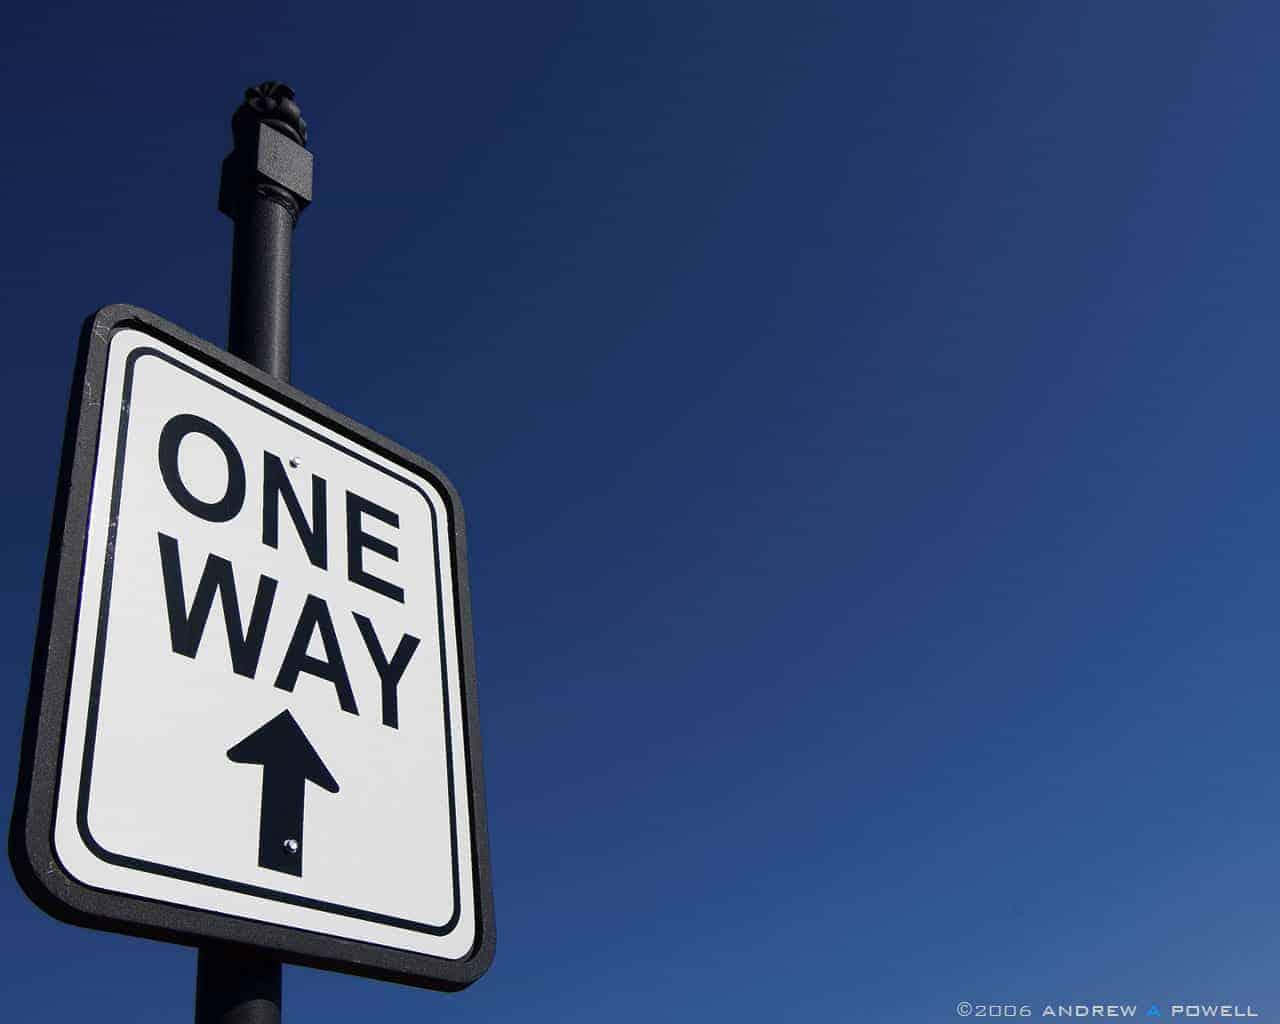 لوحة تعني ان الطريق ذو اتجاه واحد فقط